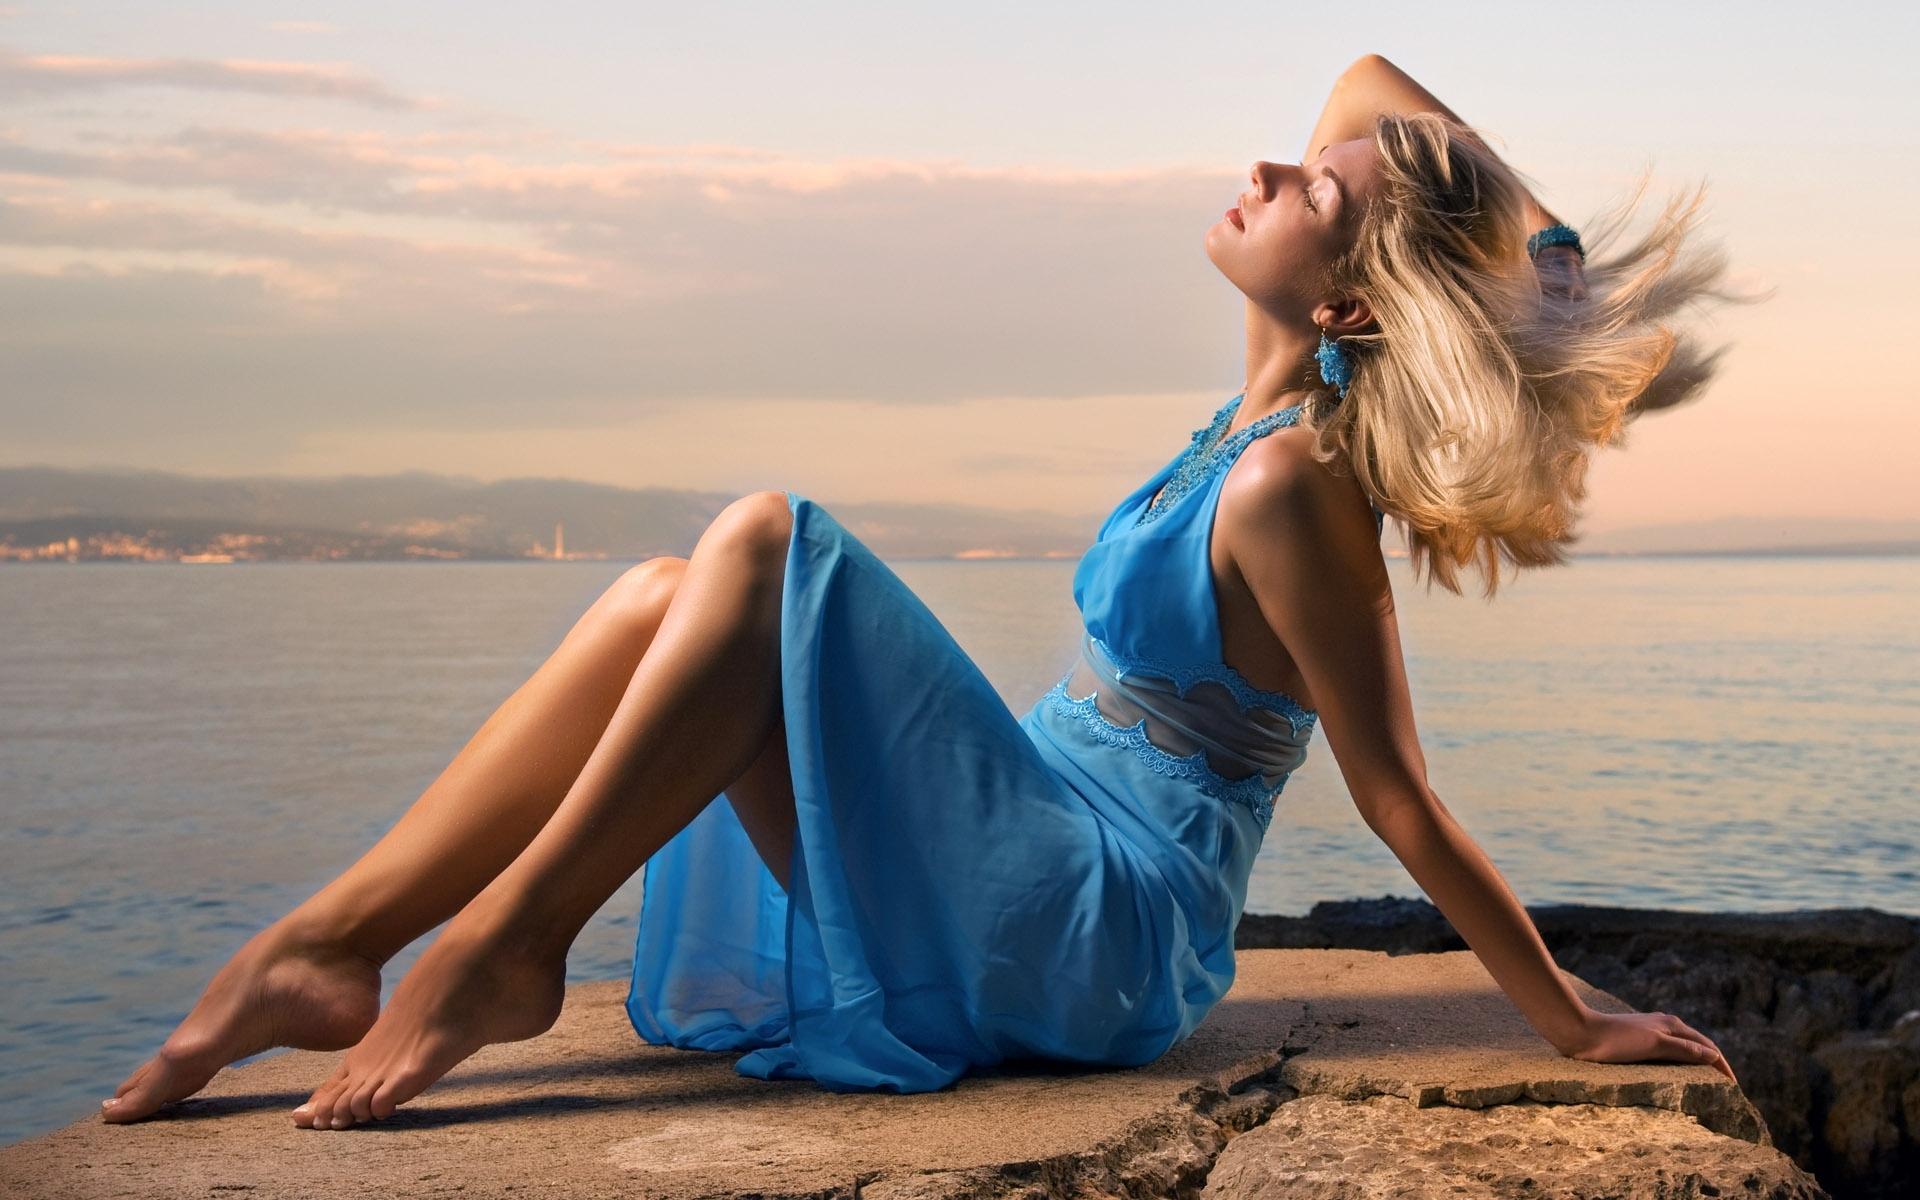 Картинки девушек на море в платье, открыток актеров